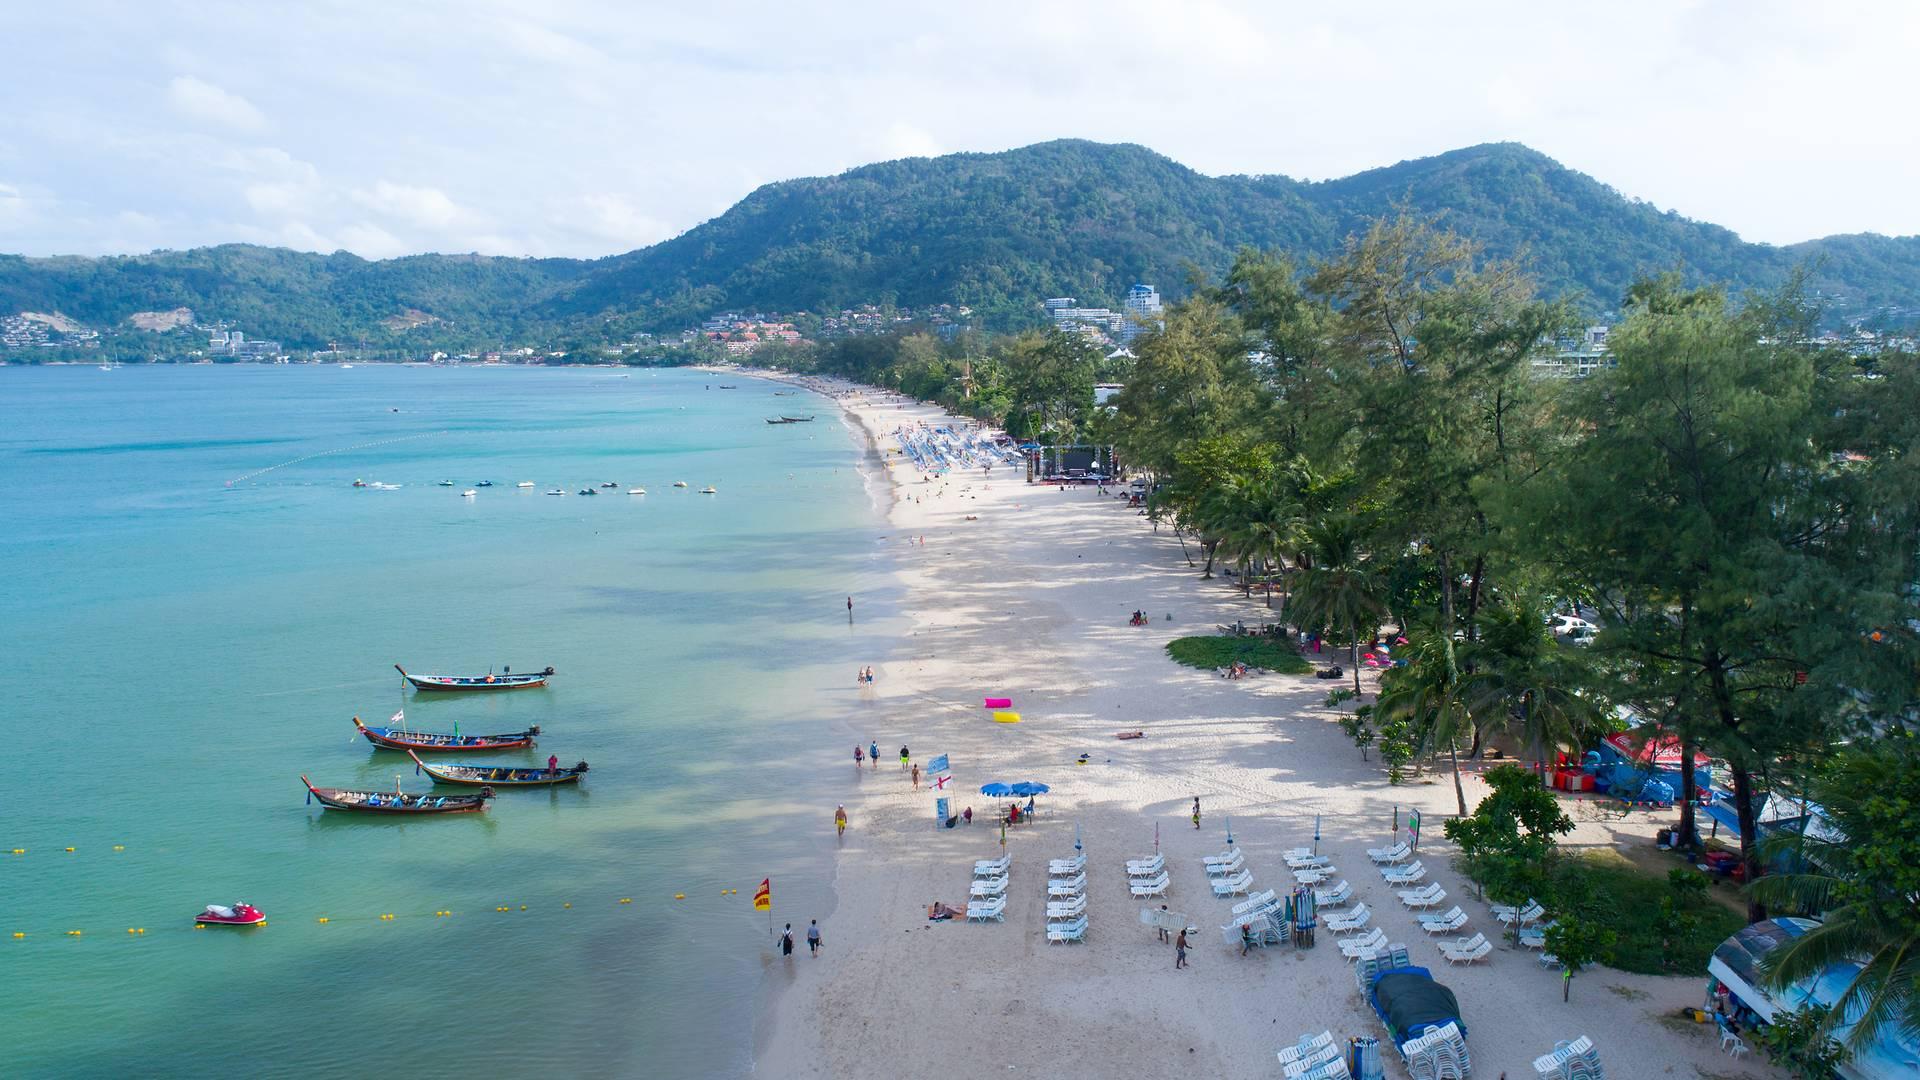 Вид пляжа Патонг бич в Тайланде на острове Пхукет